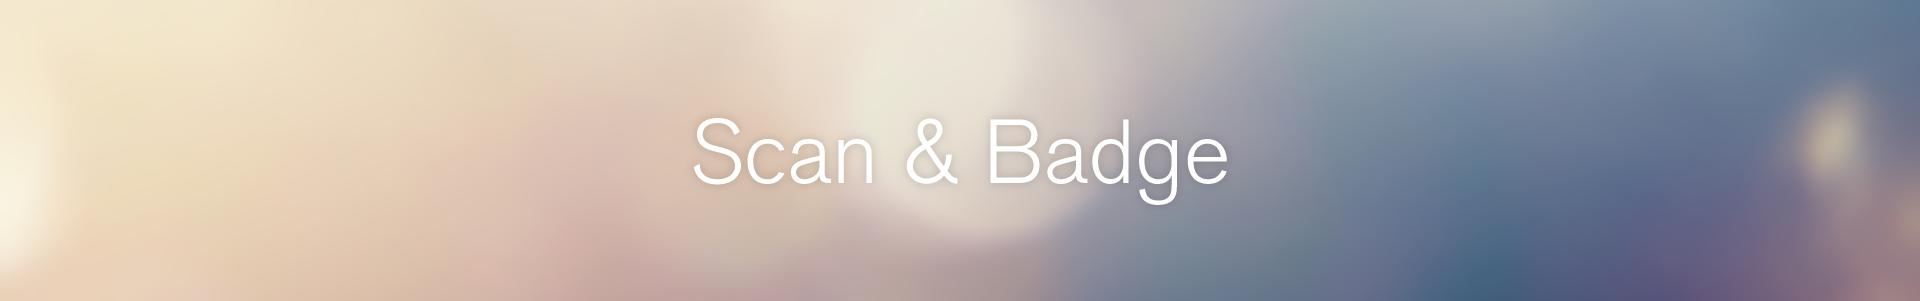 Scan & badge 2019 (Engels)